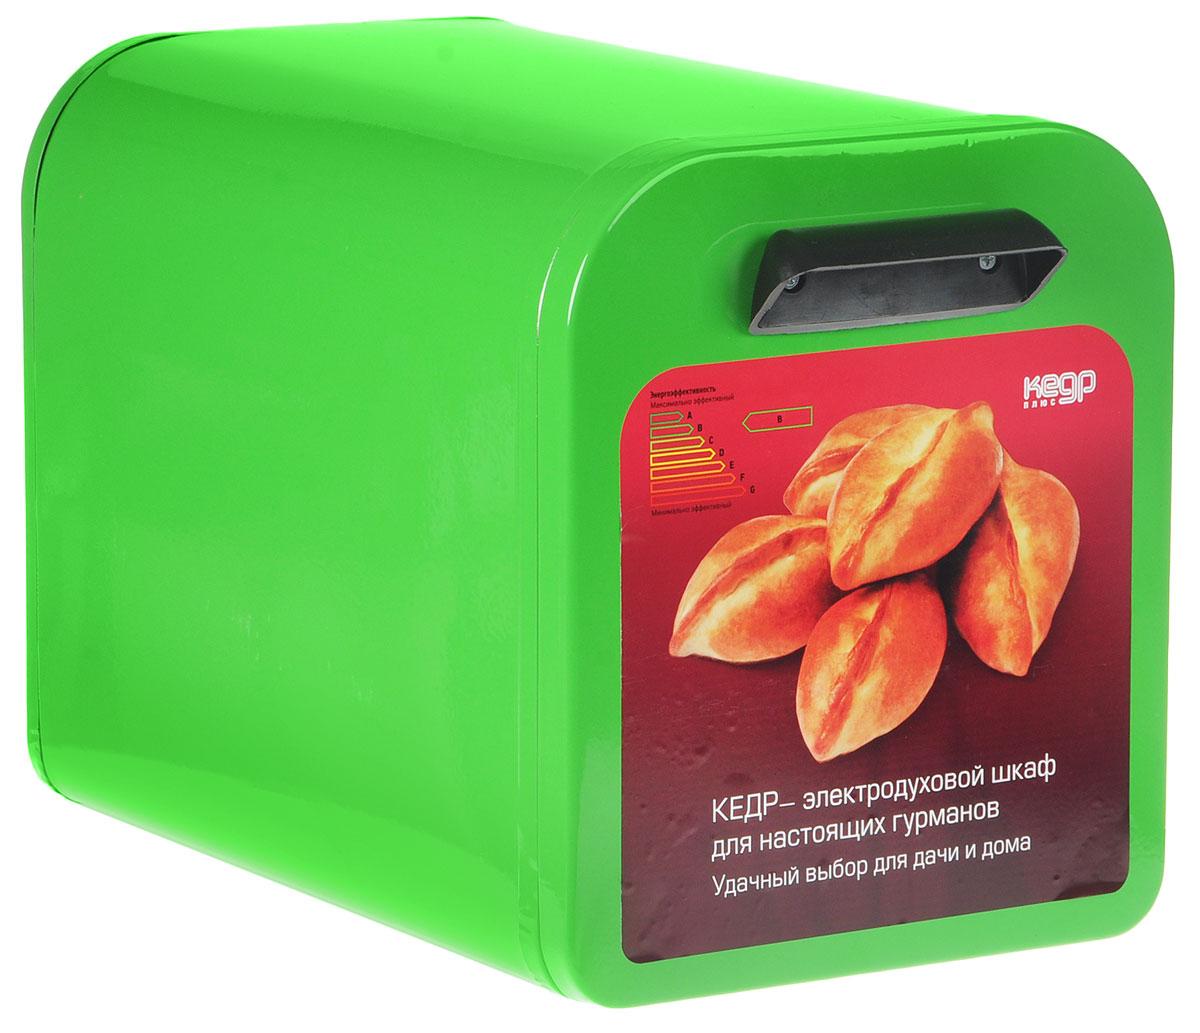 Кедр ШЖ-0,625/220 жарочный шкаф, цвет салатовый - Мини-печи